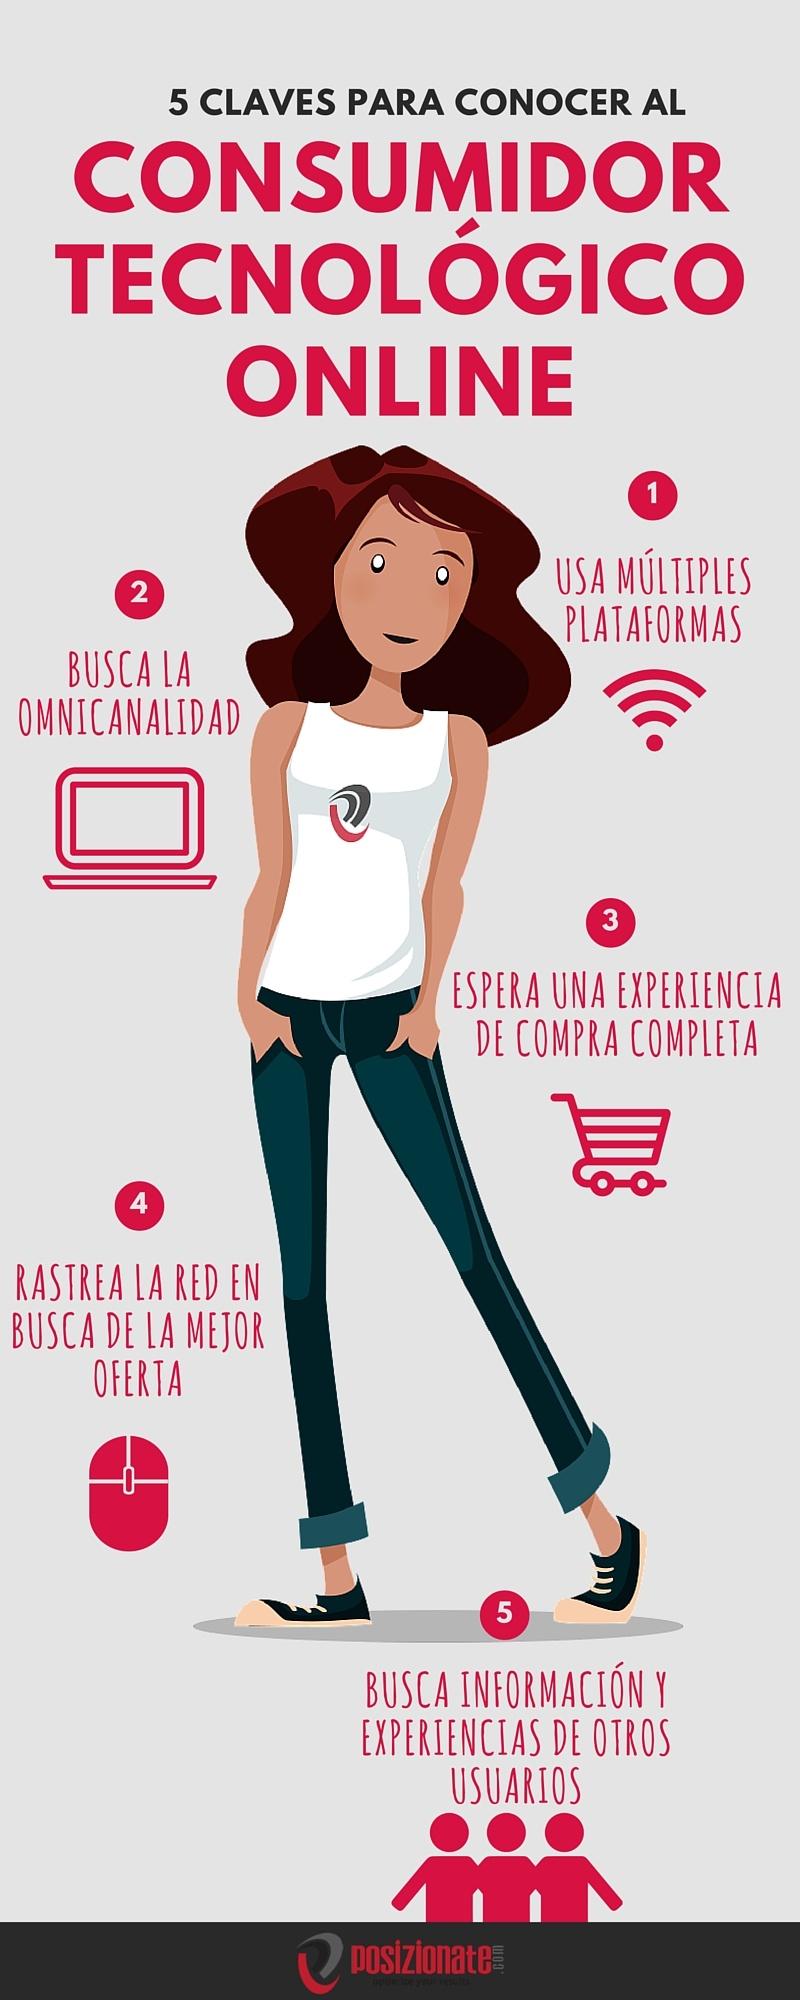 Claves para conocer al consumidor tecnológico online